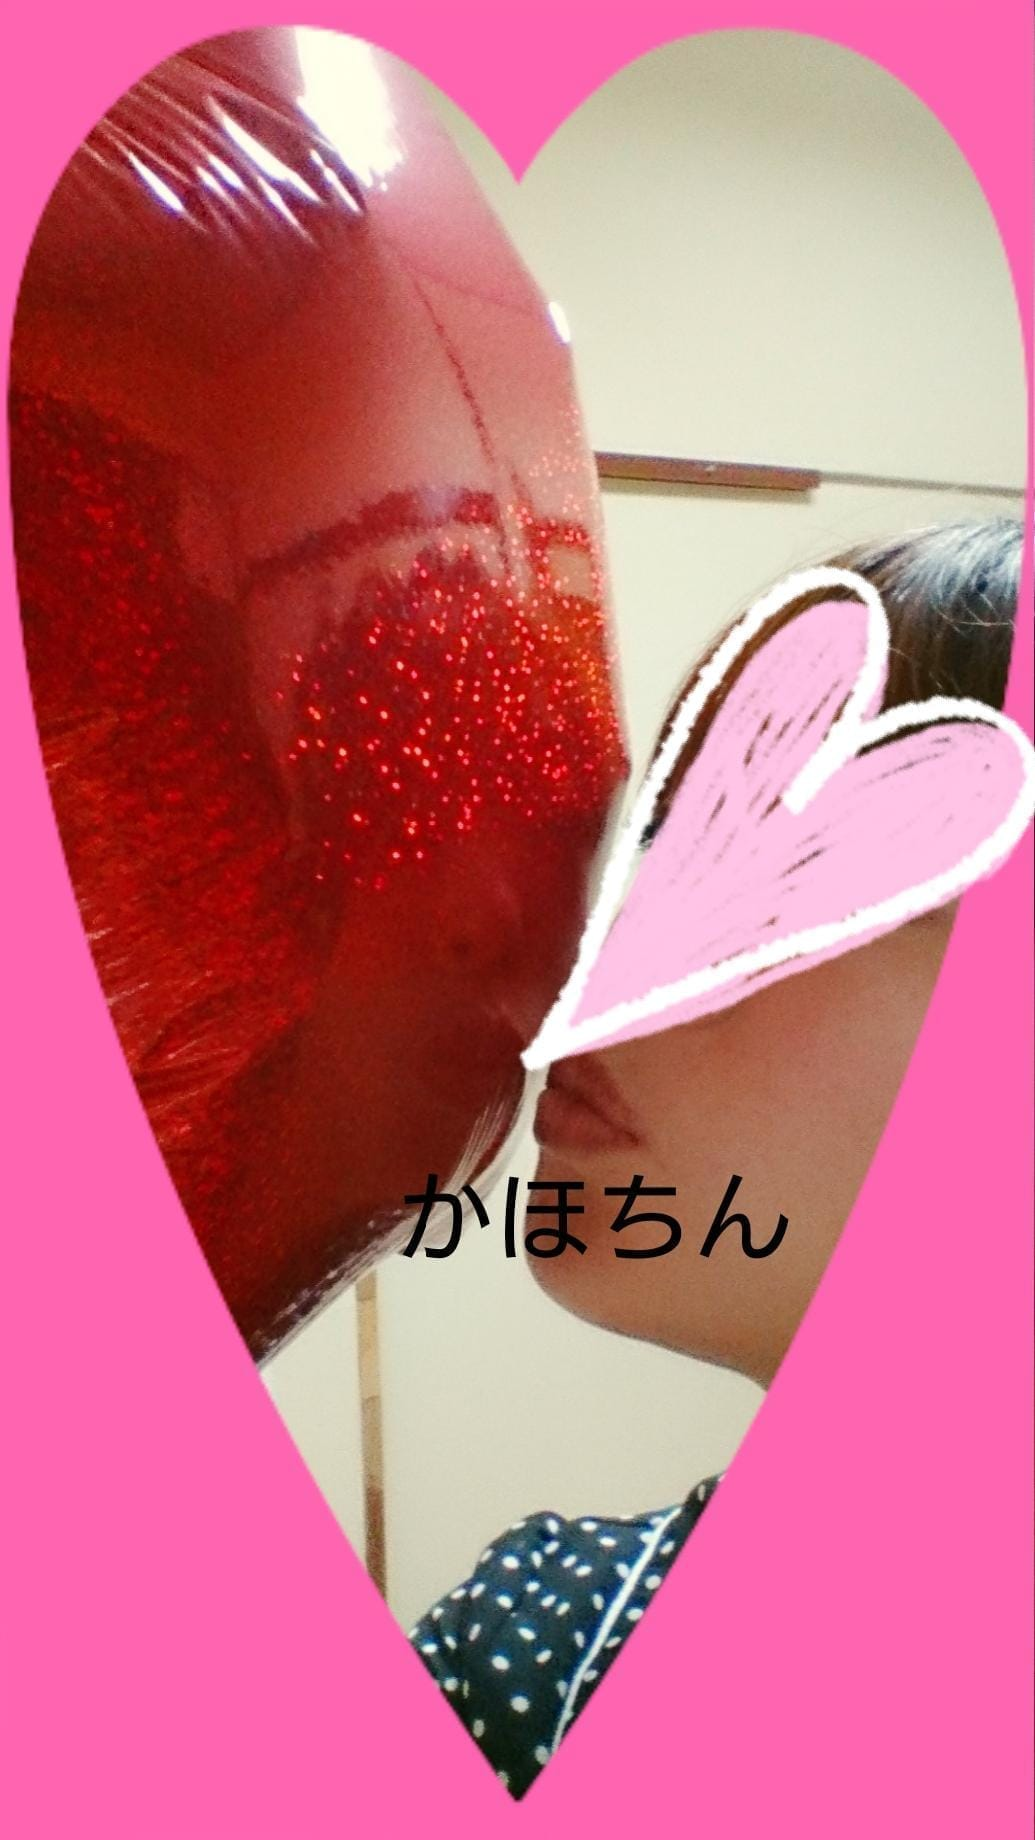 「いま」06/20(06/20) 09:40 | かほの写メ・風俗動画